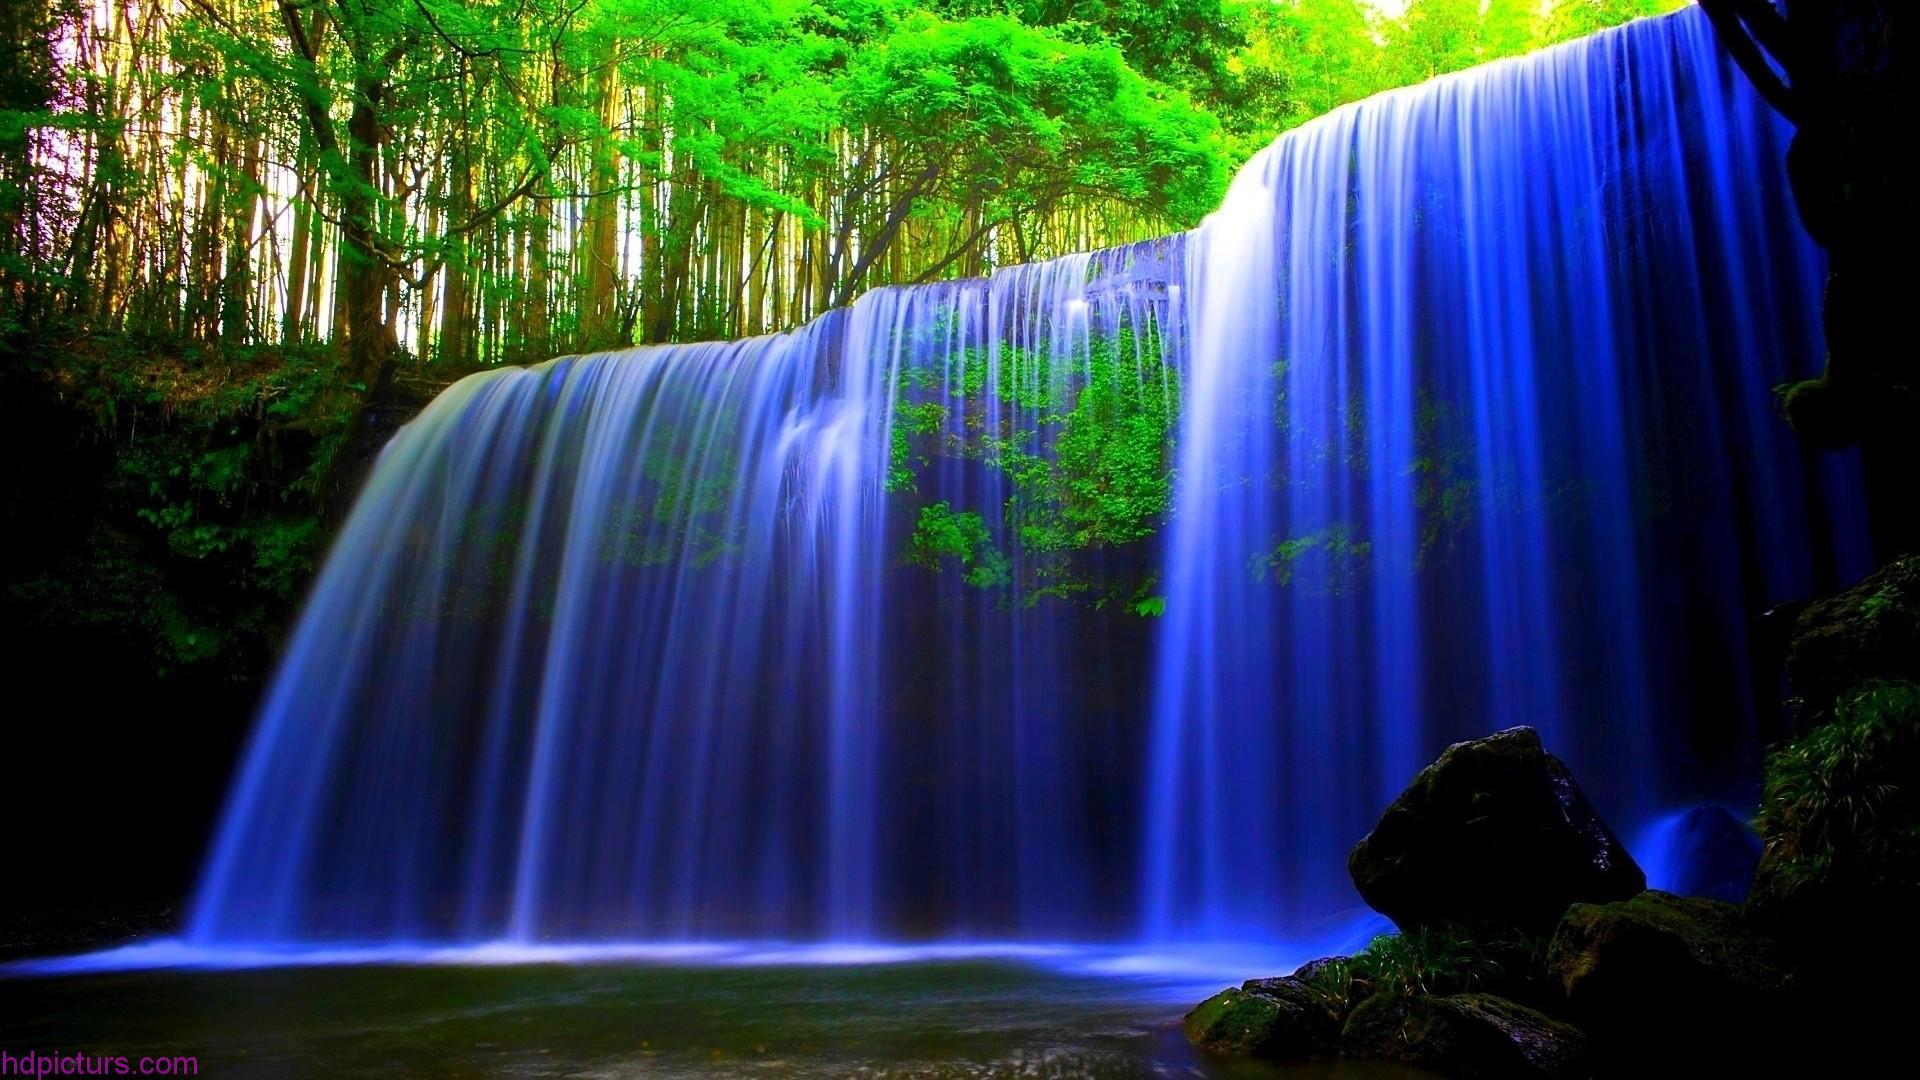 بالصور صور الطبيعة , صور مناظر طبيعية خلابة 1151 4